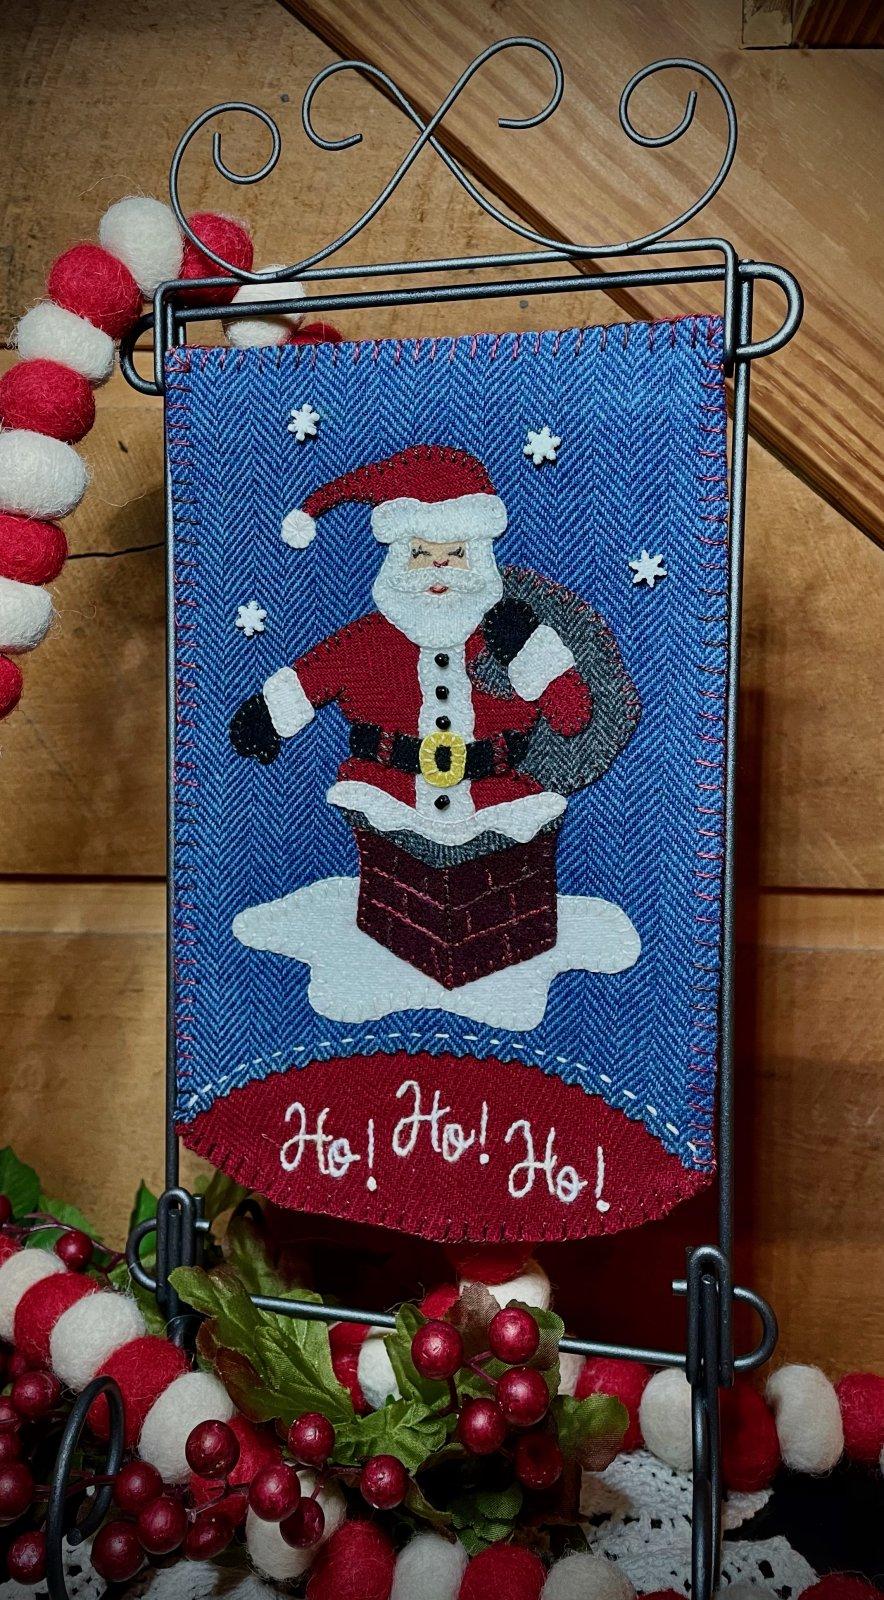 Ho! Ho! Ho! Digital Download